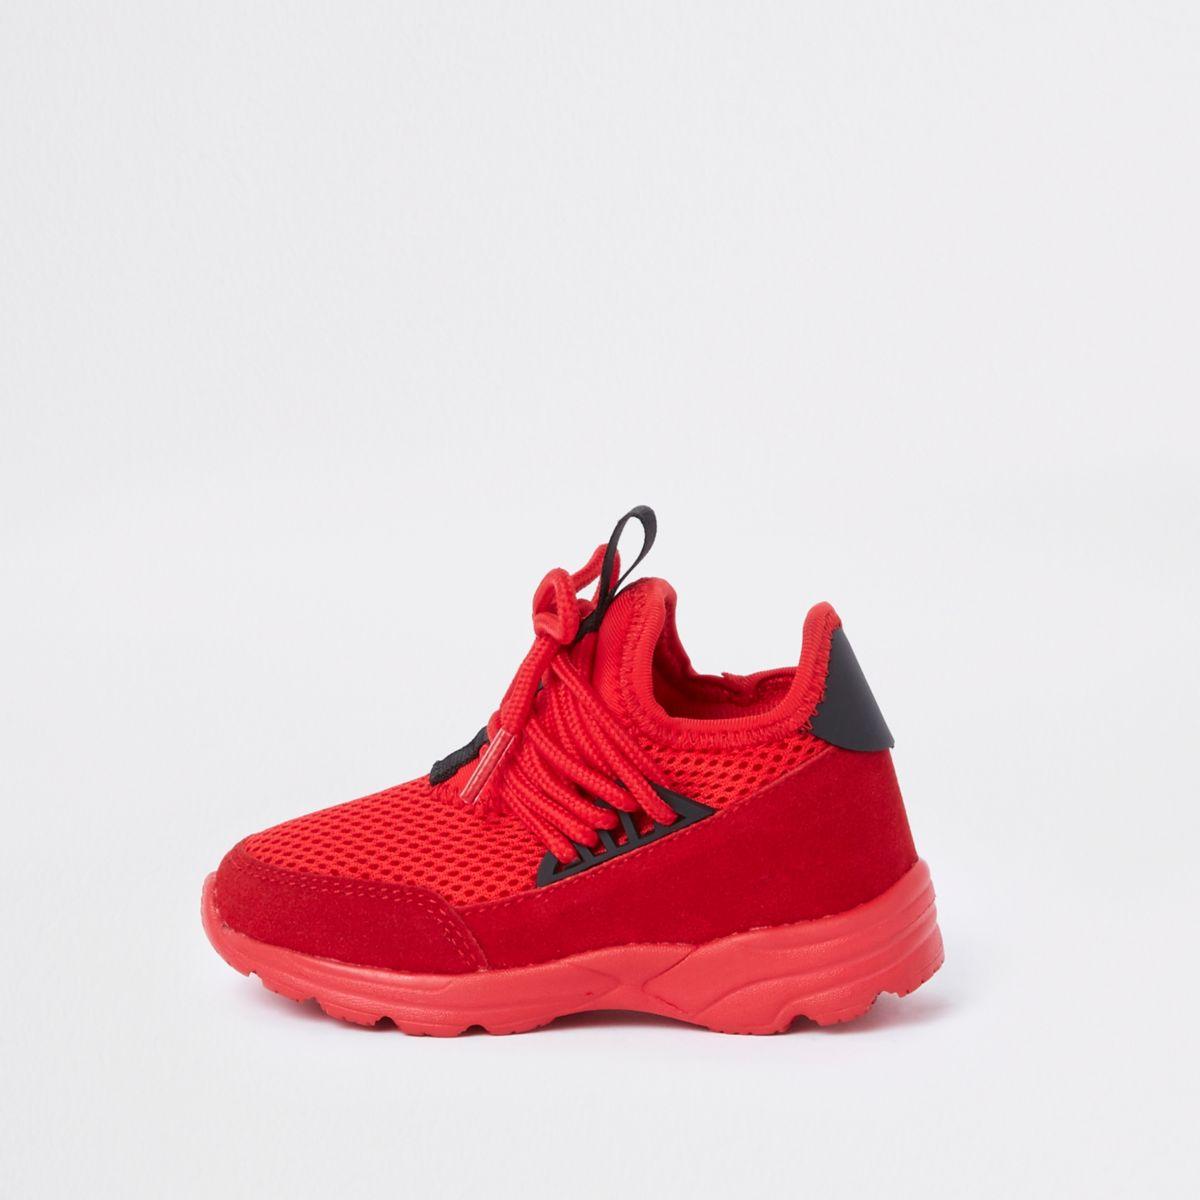 Baskets de sport rouges mini enfant